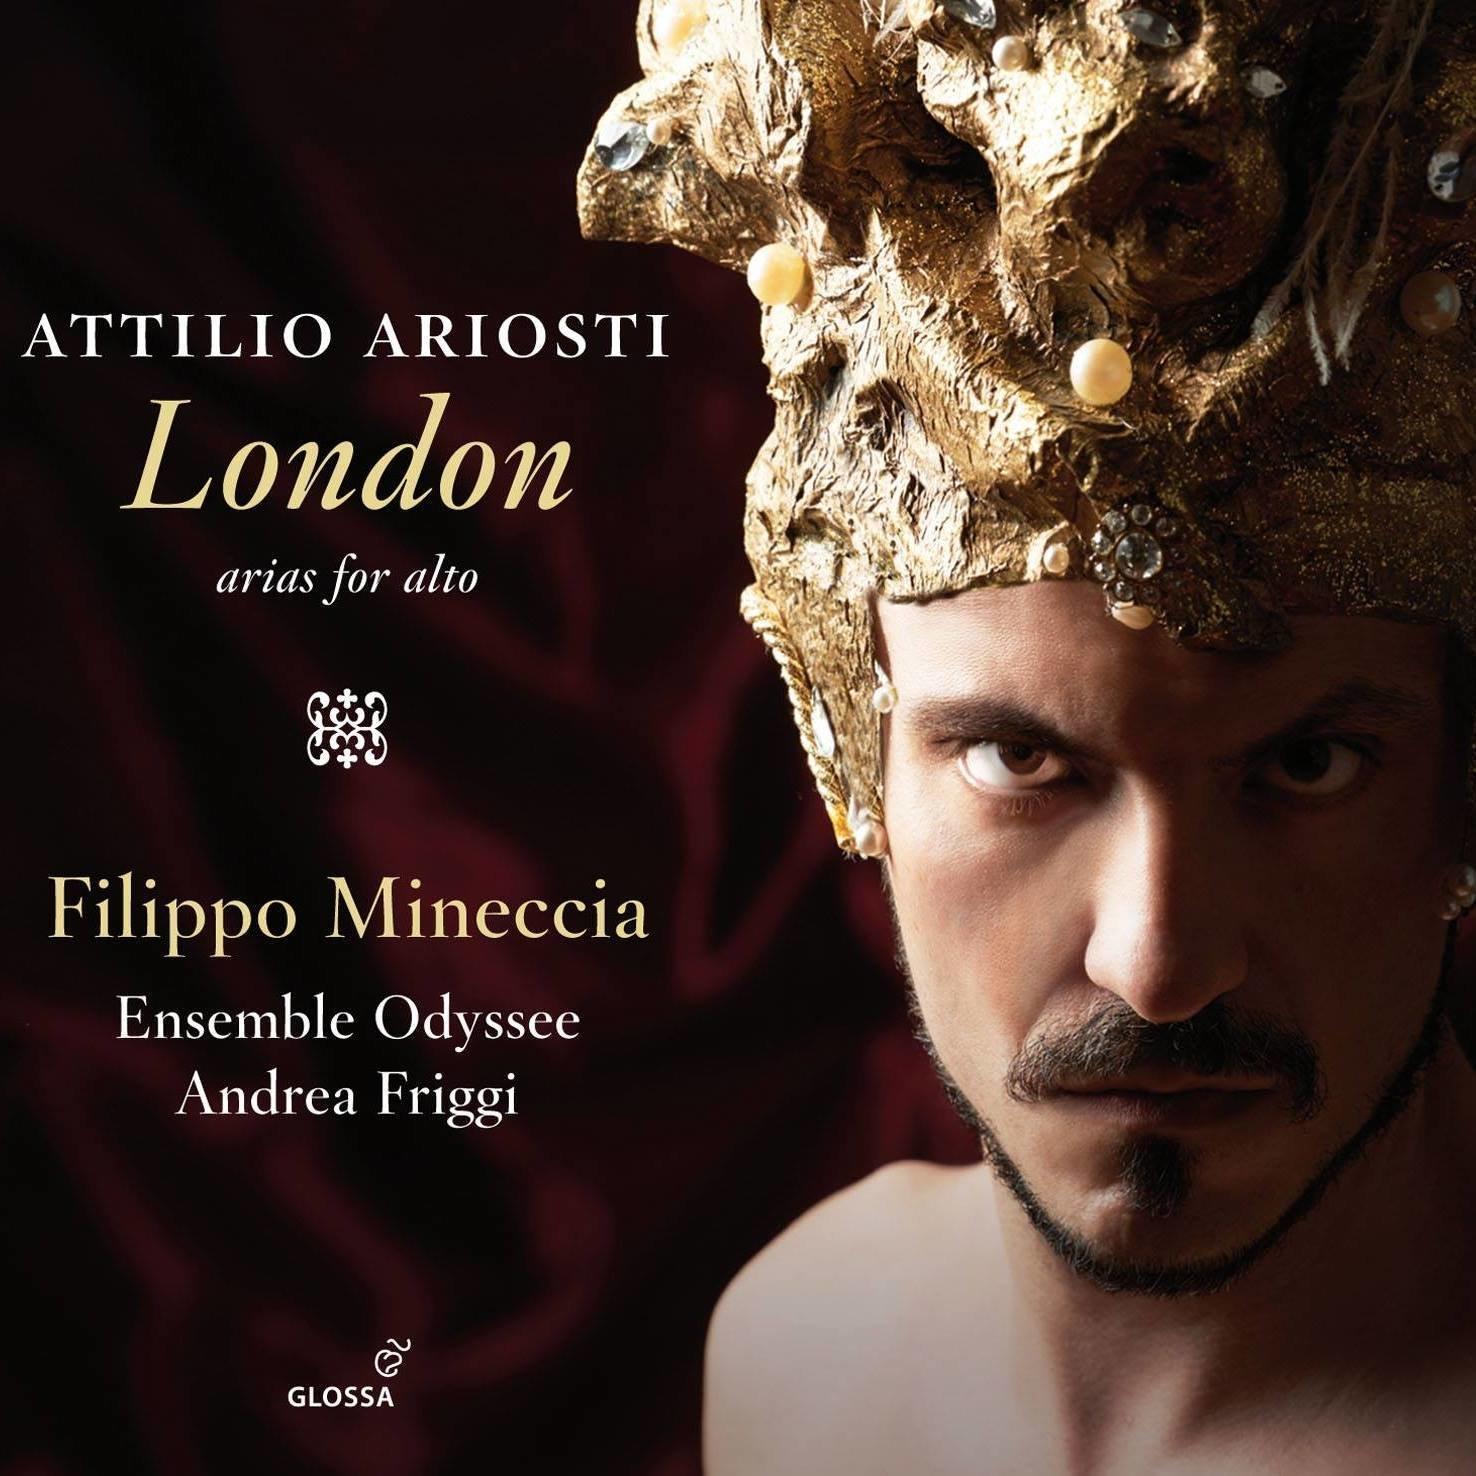 Attilio Ariosti: London